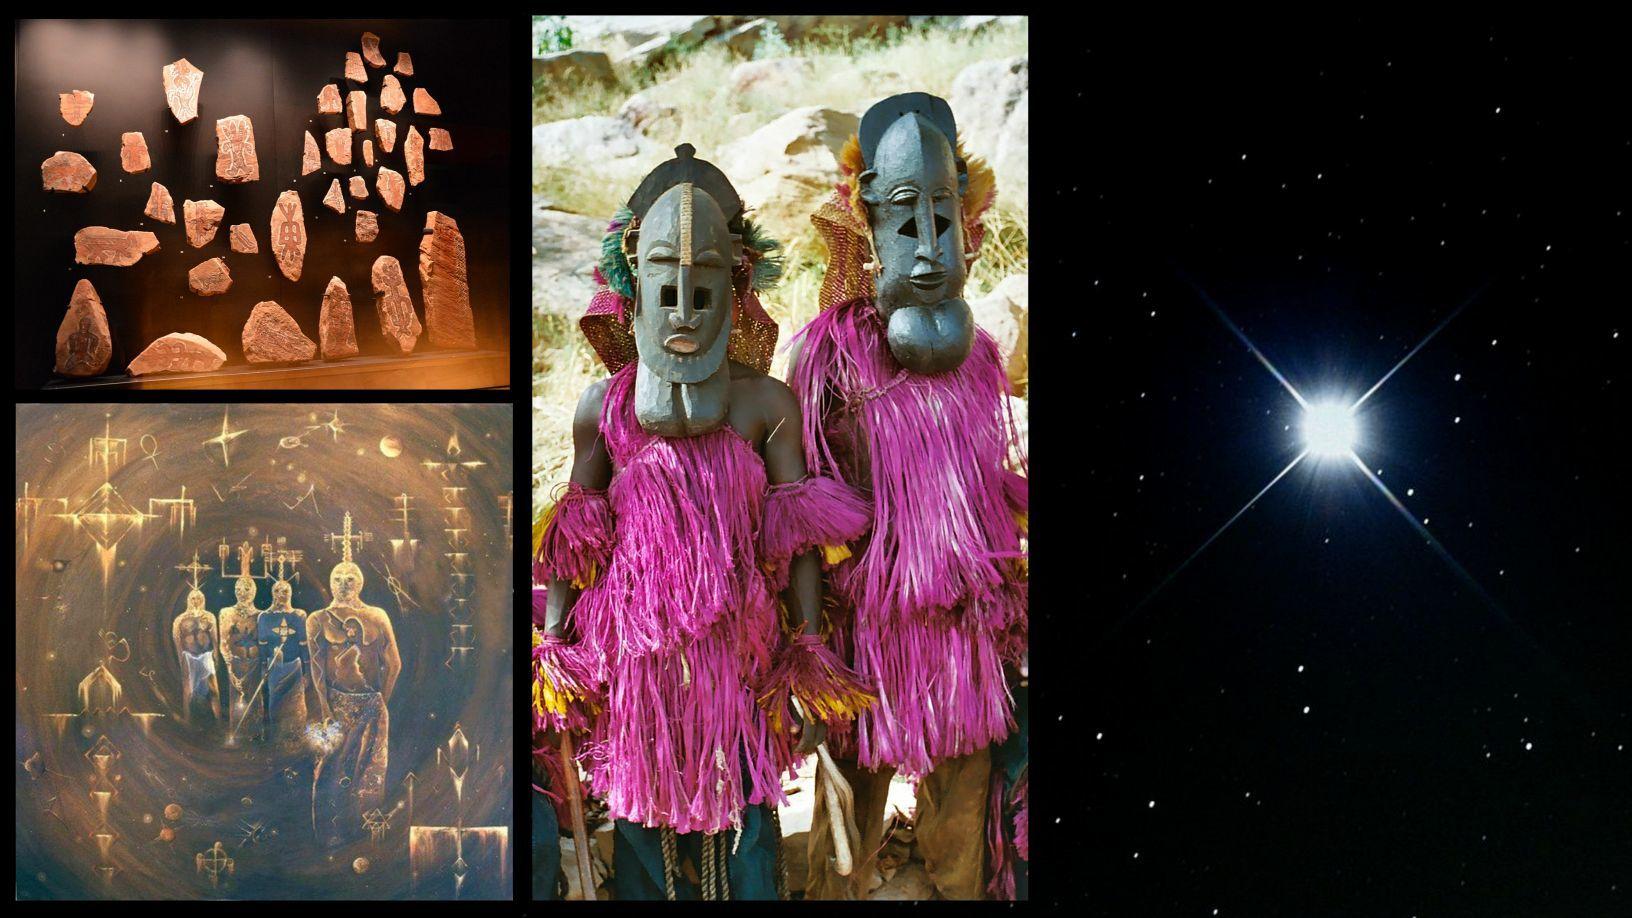 Der afrikanische Stamm und die unglaubliche außerirdische Zivilisation von Sirius, der uns in den letzten 4 Jahren besucht hat